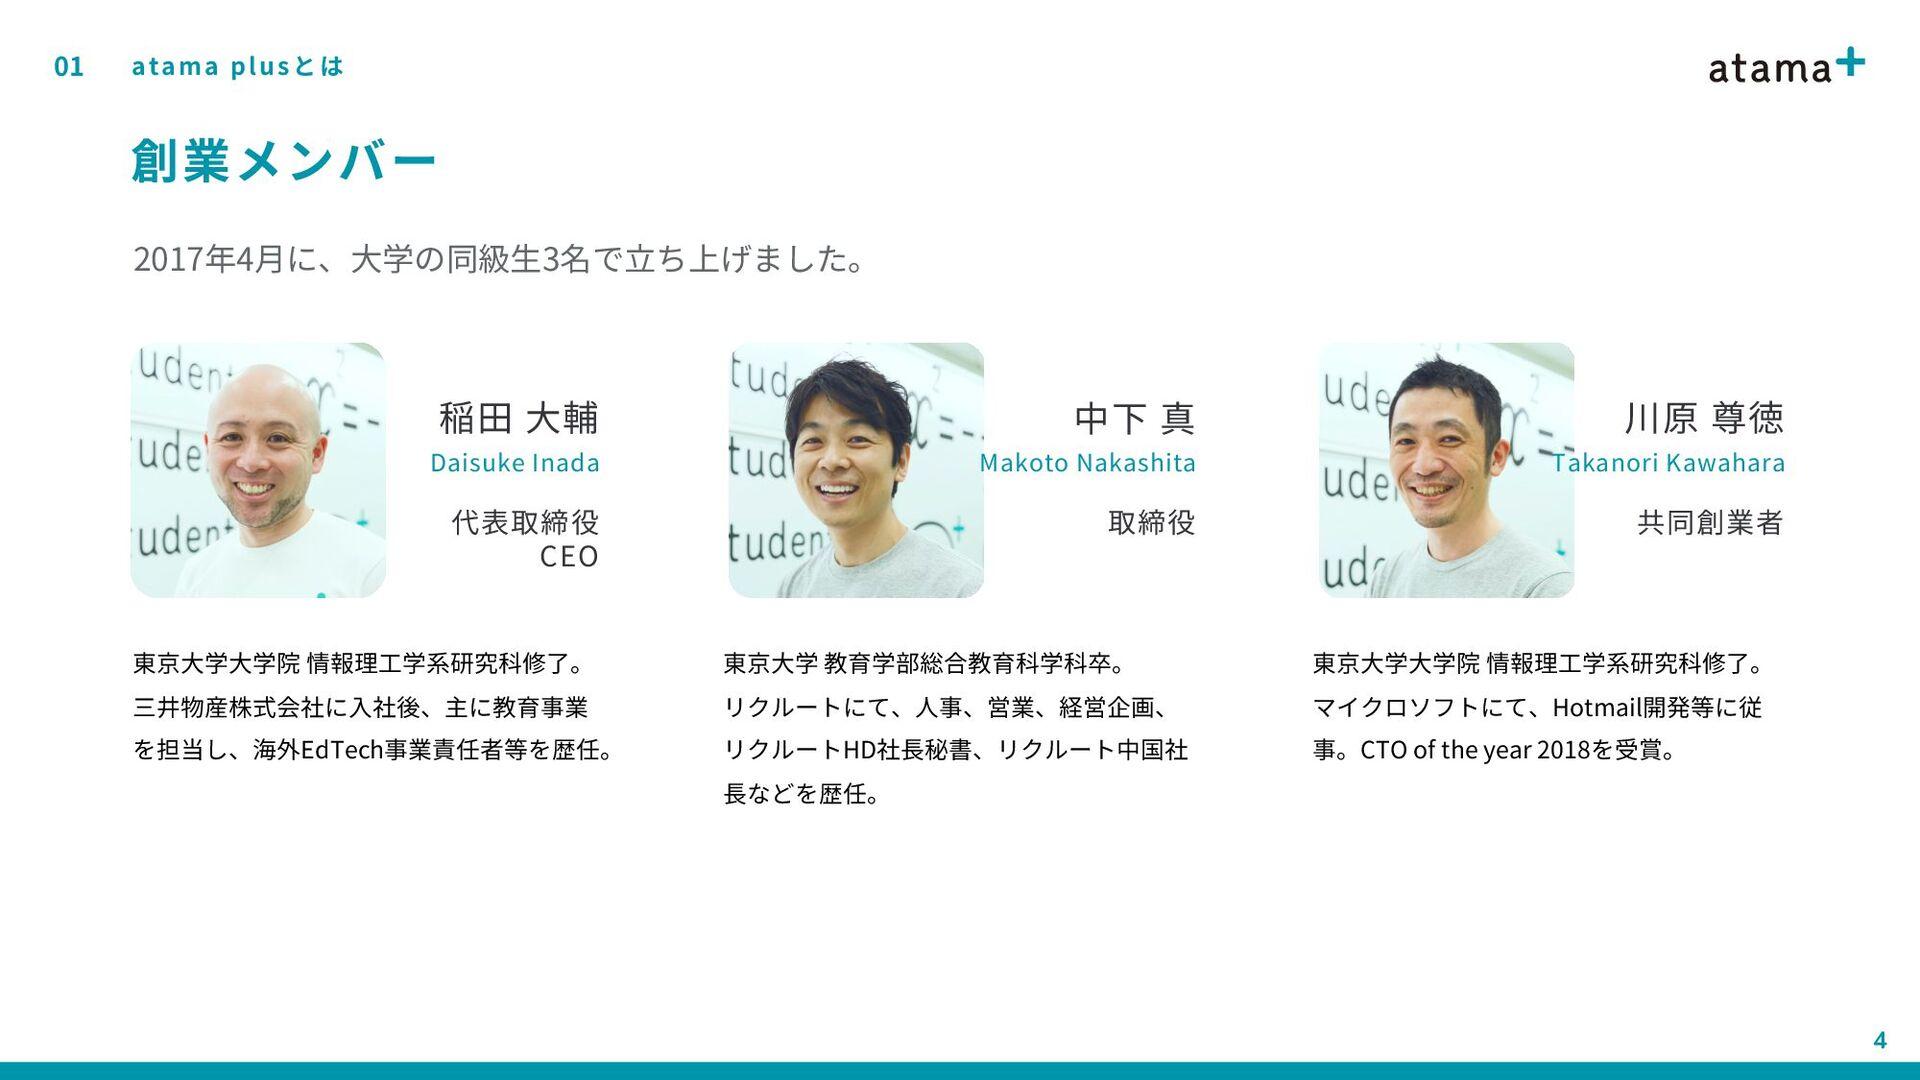 01 4 創業メンバー atama plusとは 稲田 大輔 Daisuke Inada 代表...